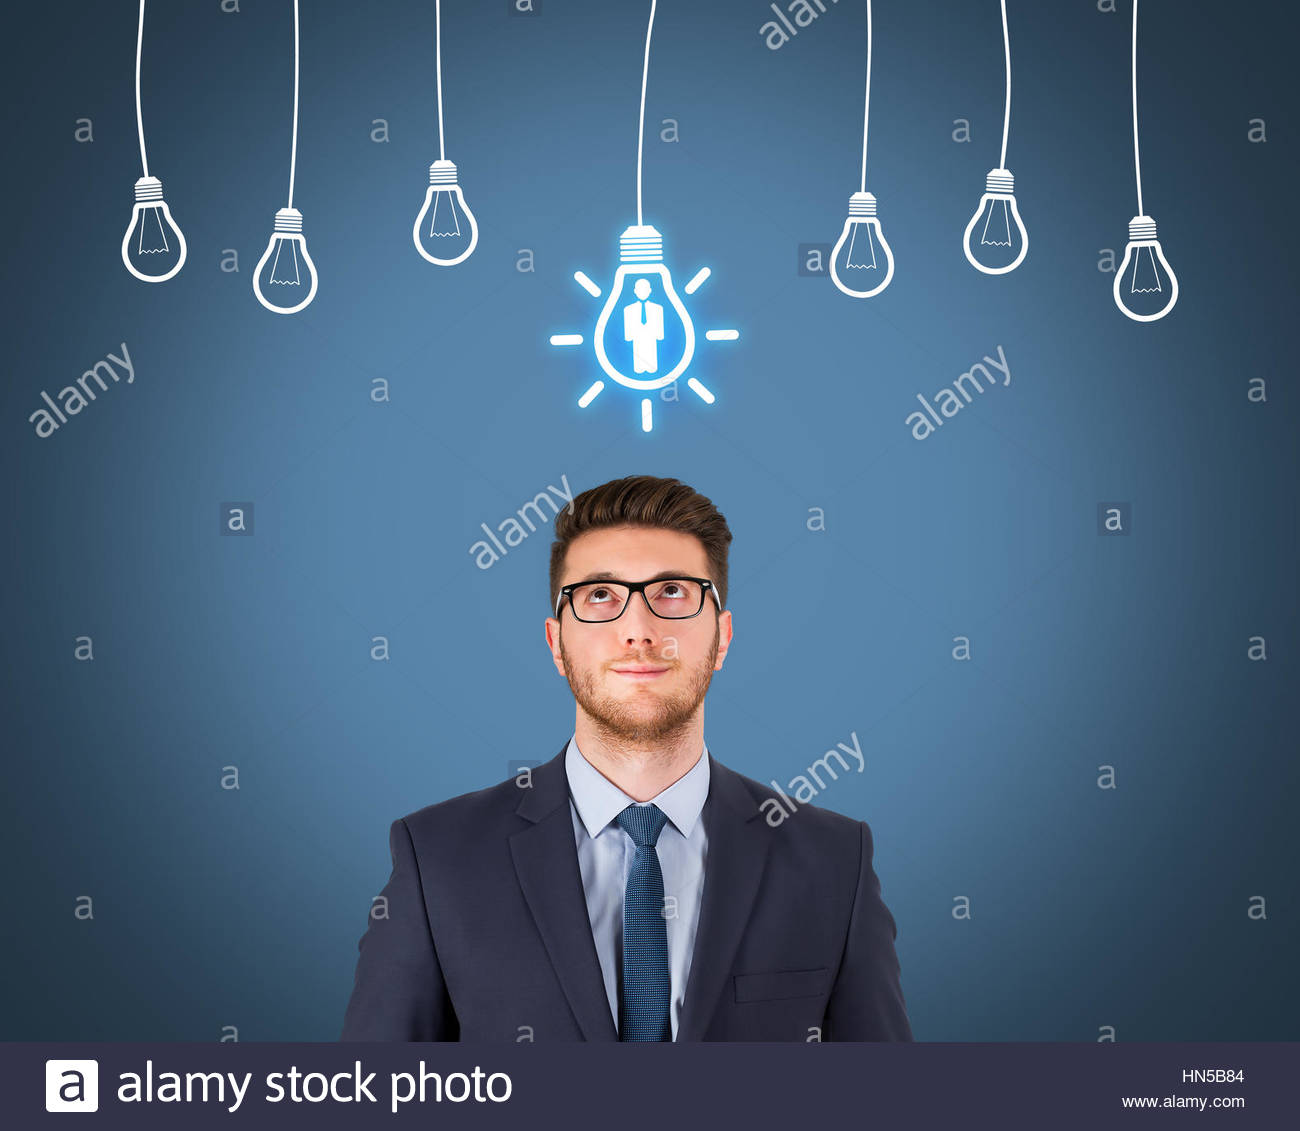 Le recrutement et l'idée de personne Photo Stock